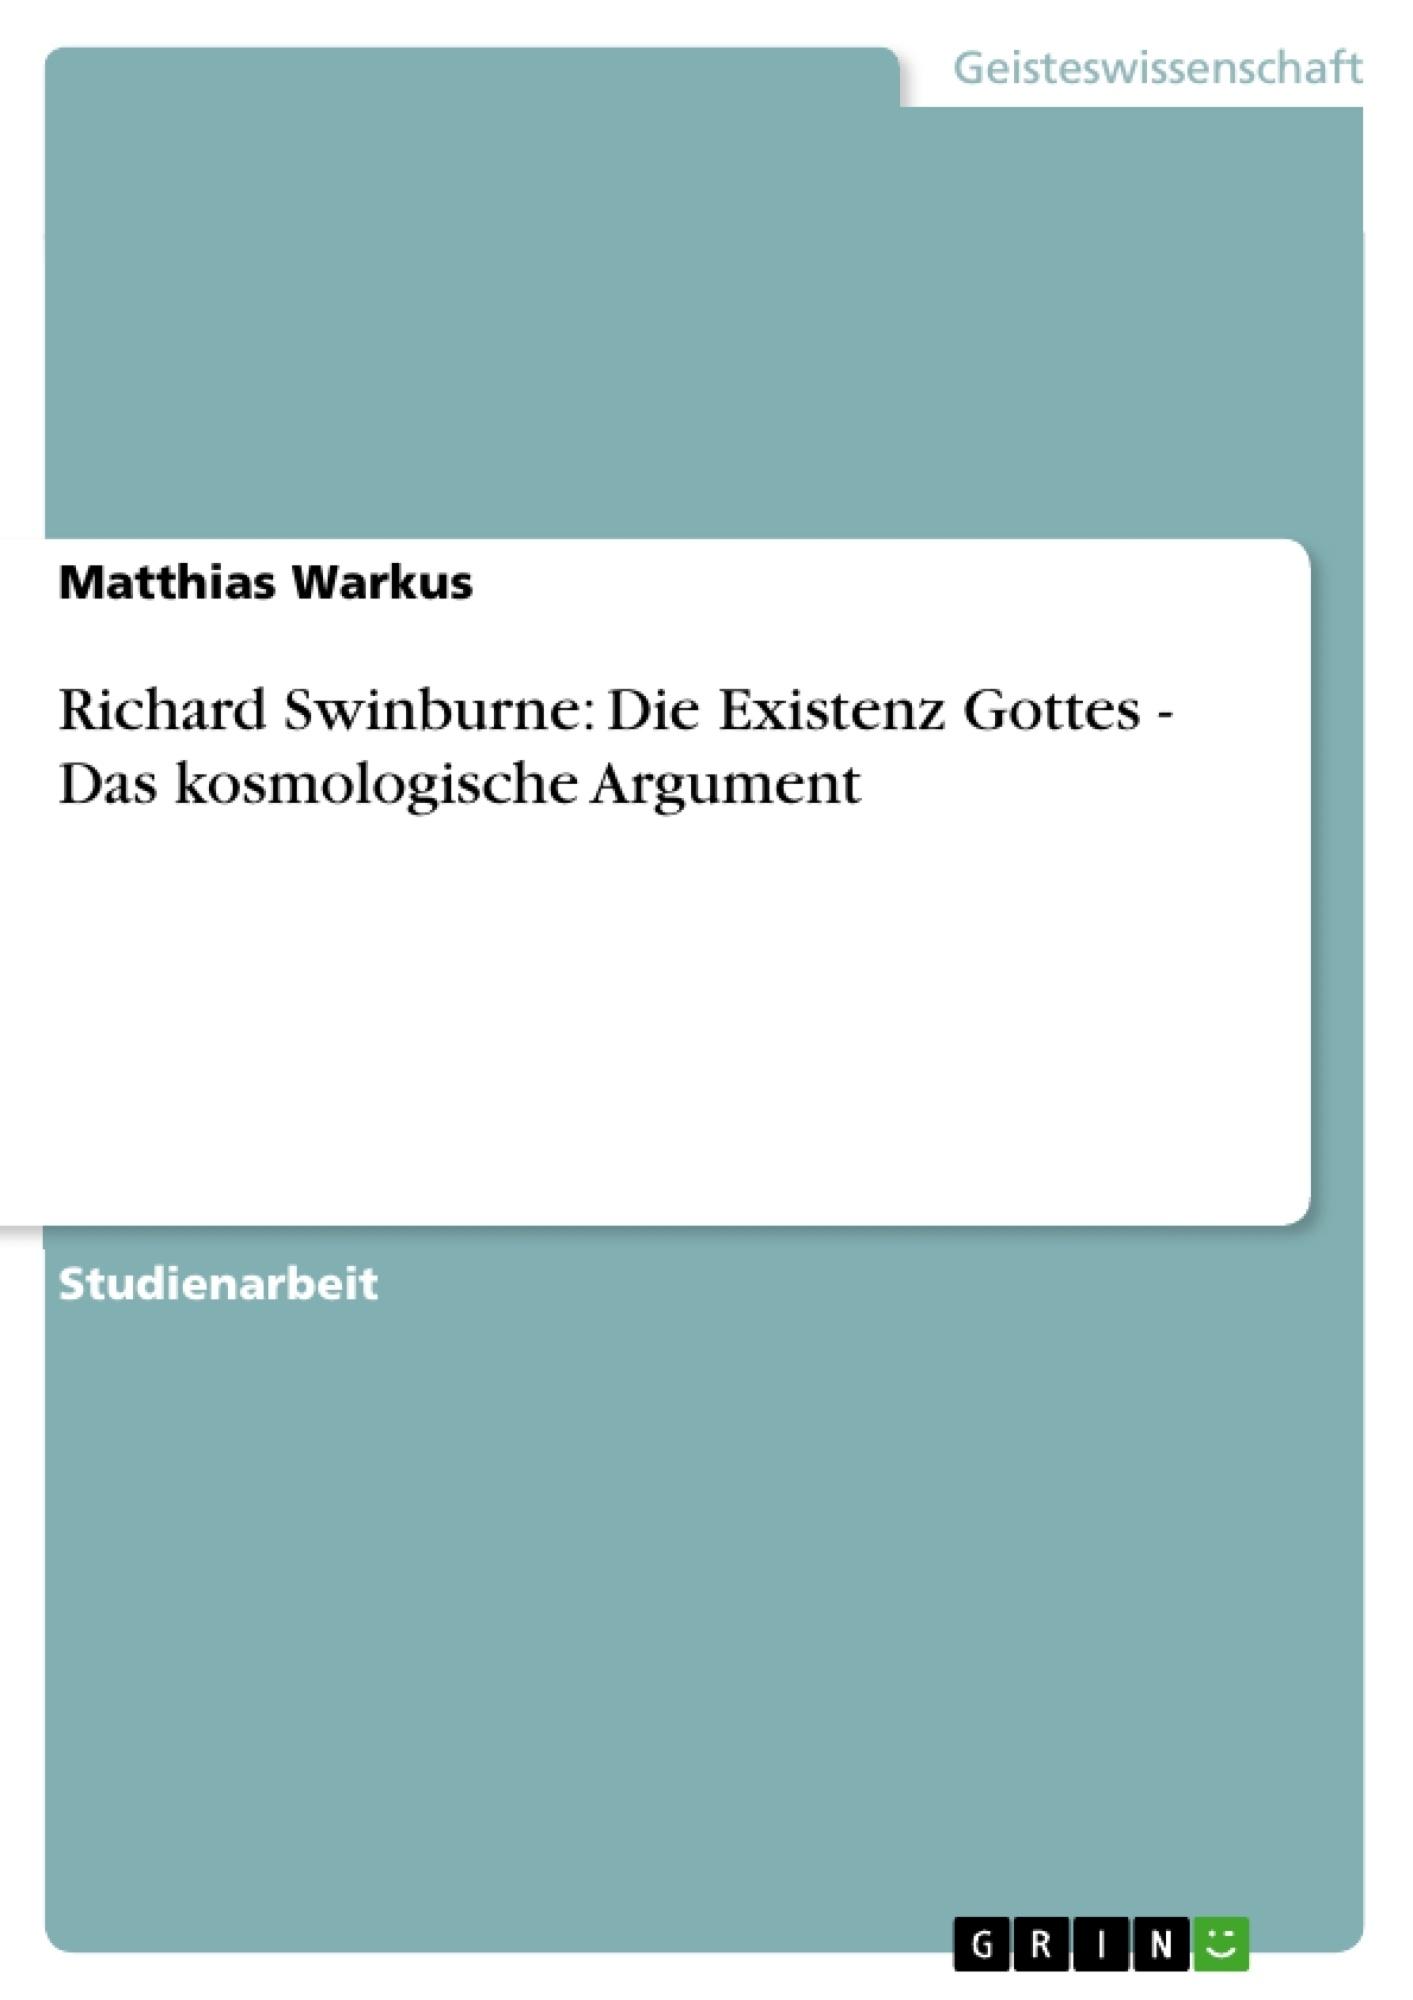 Titel: Richard Swinburne: Die Existenz Gottes - Das kosmologische Argument